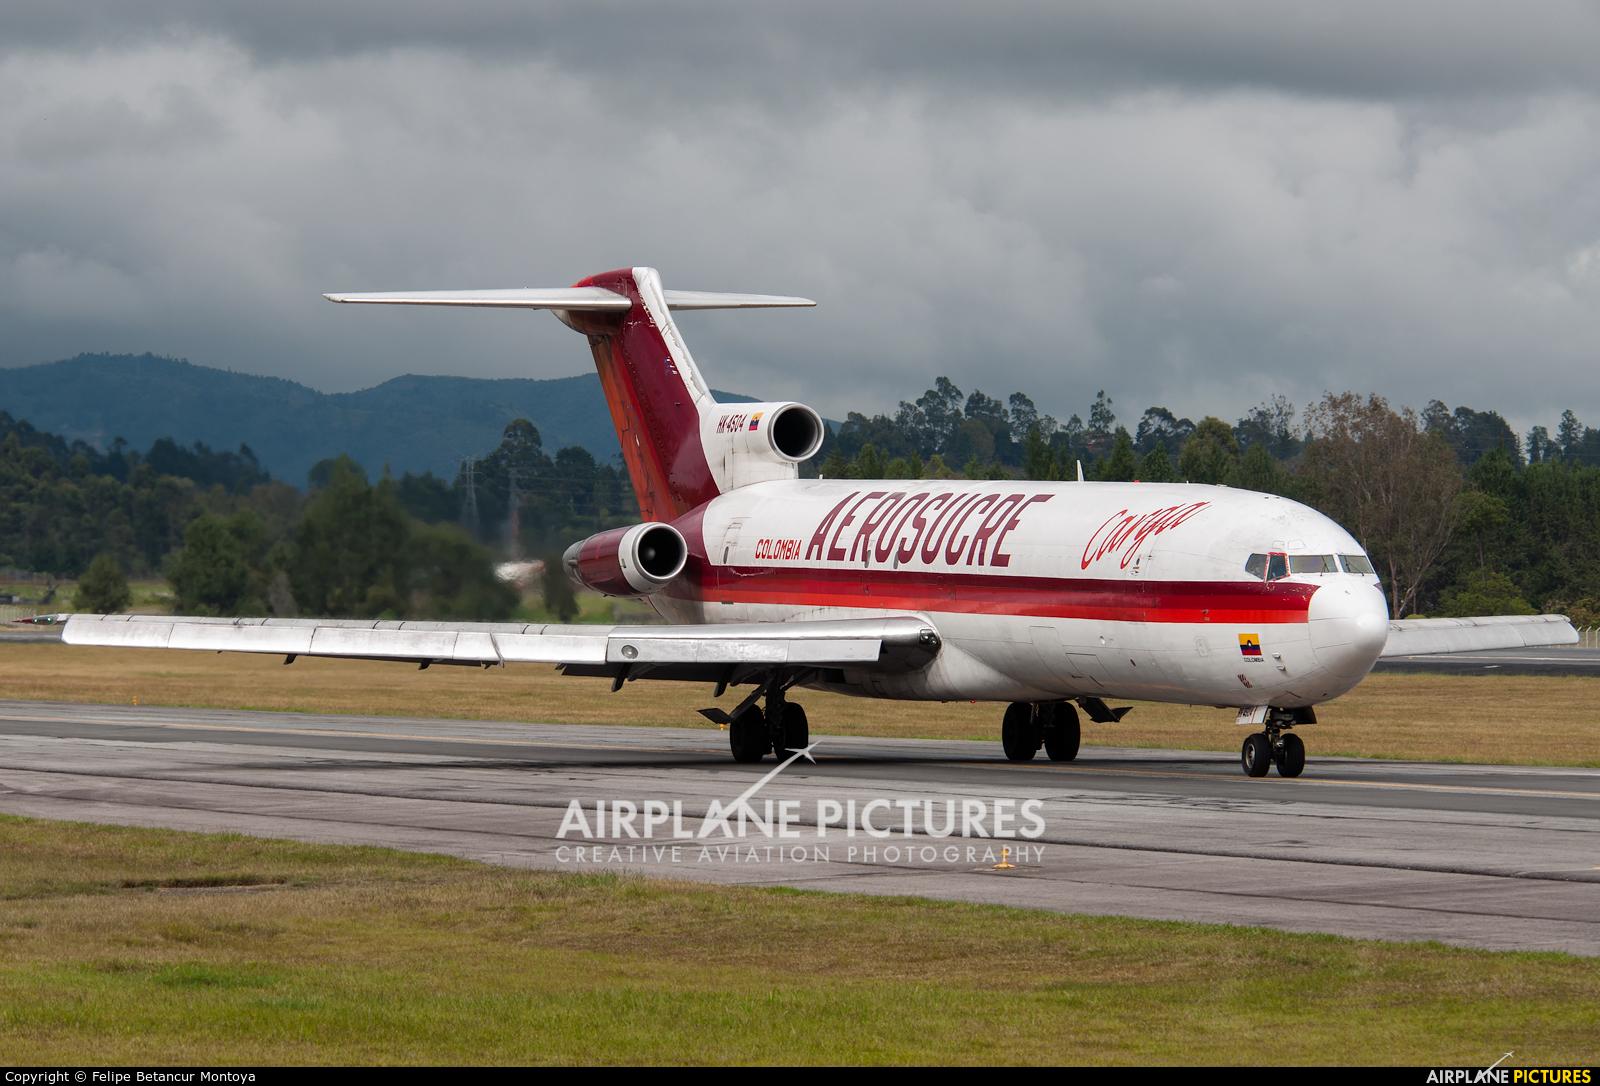 Aerosucre HK-4504 aircraft at Medellin - Jose Maria Cordova Intl